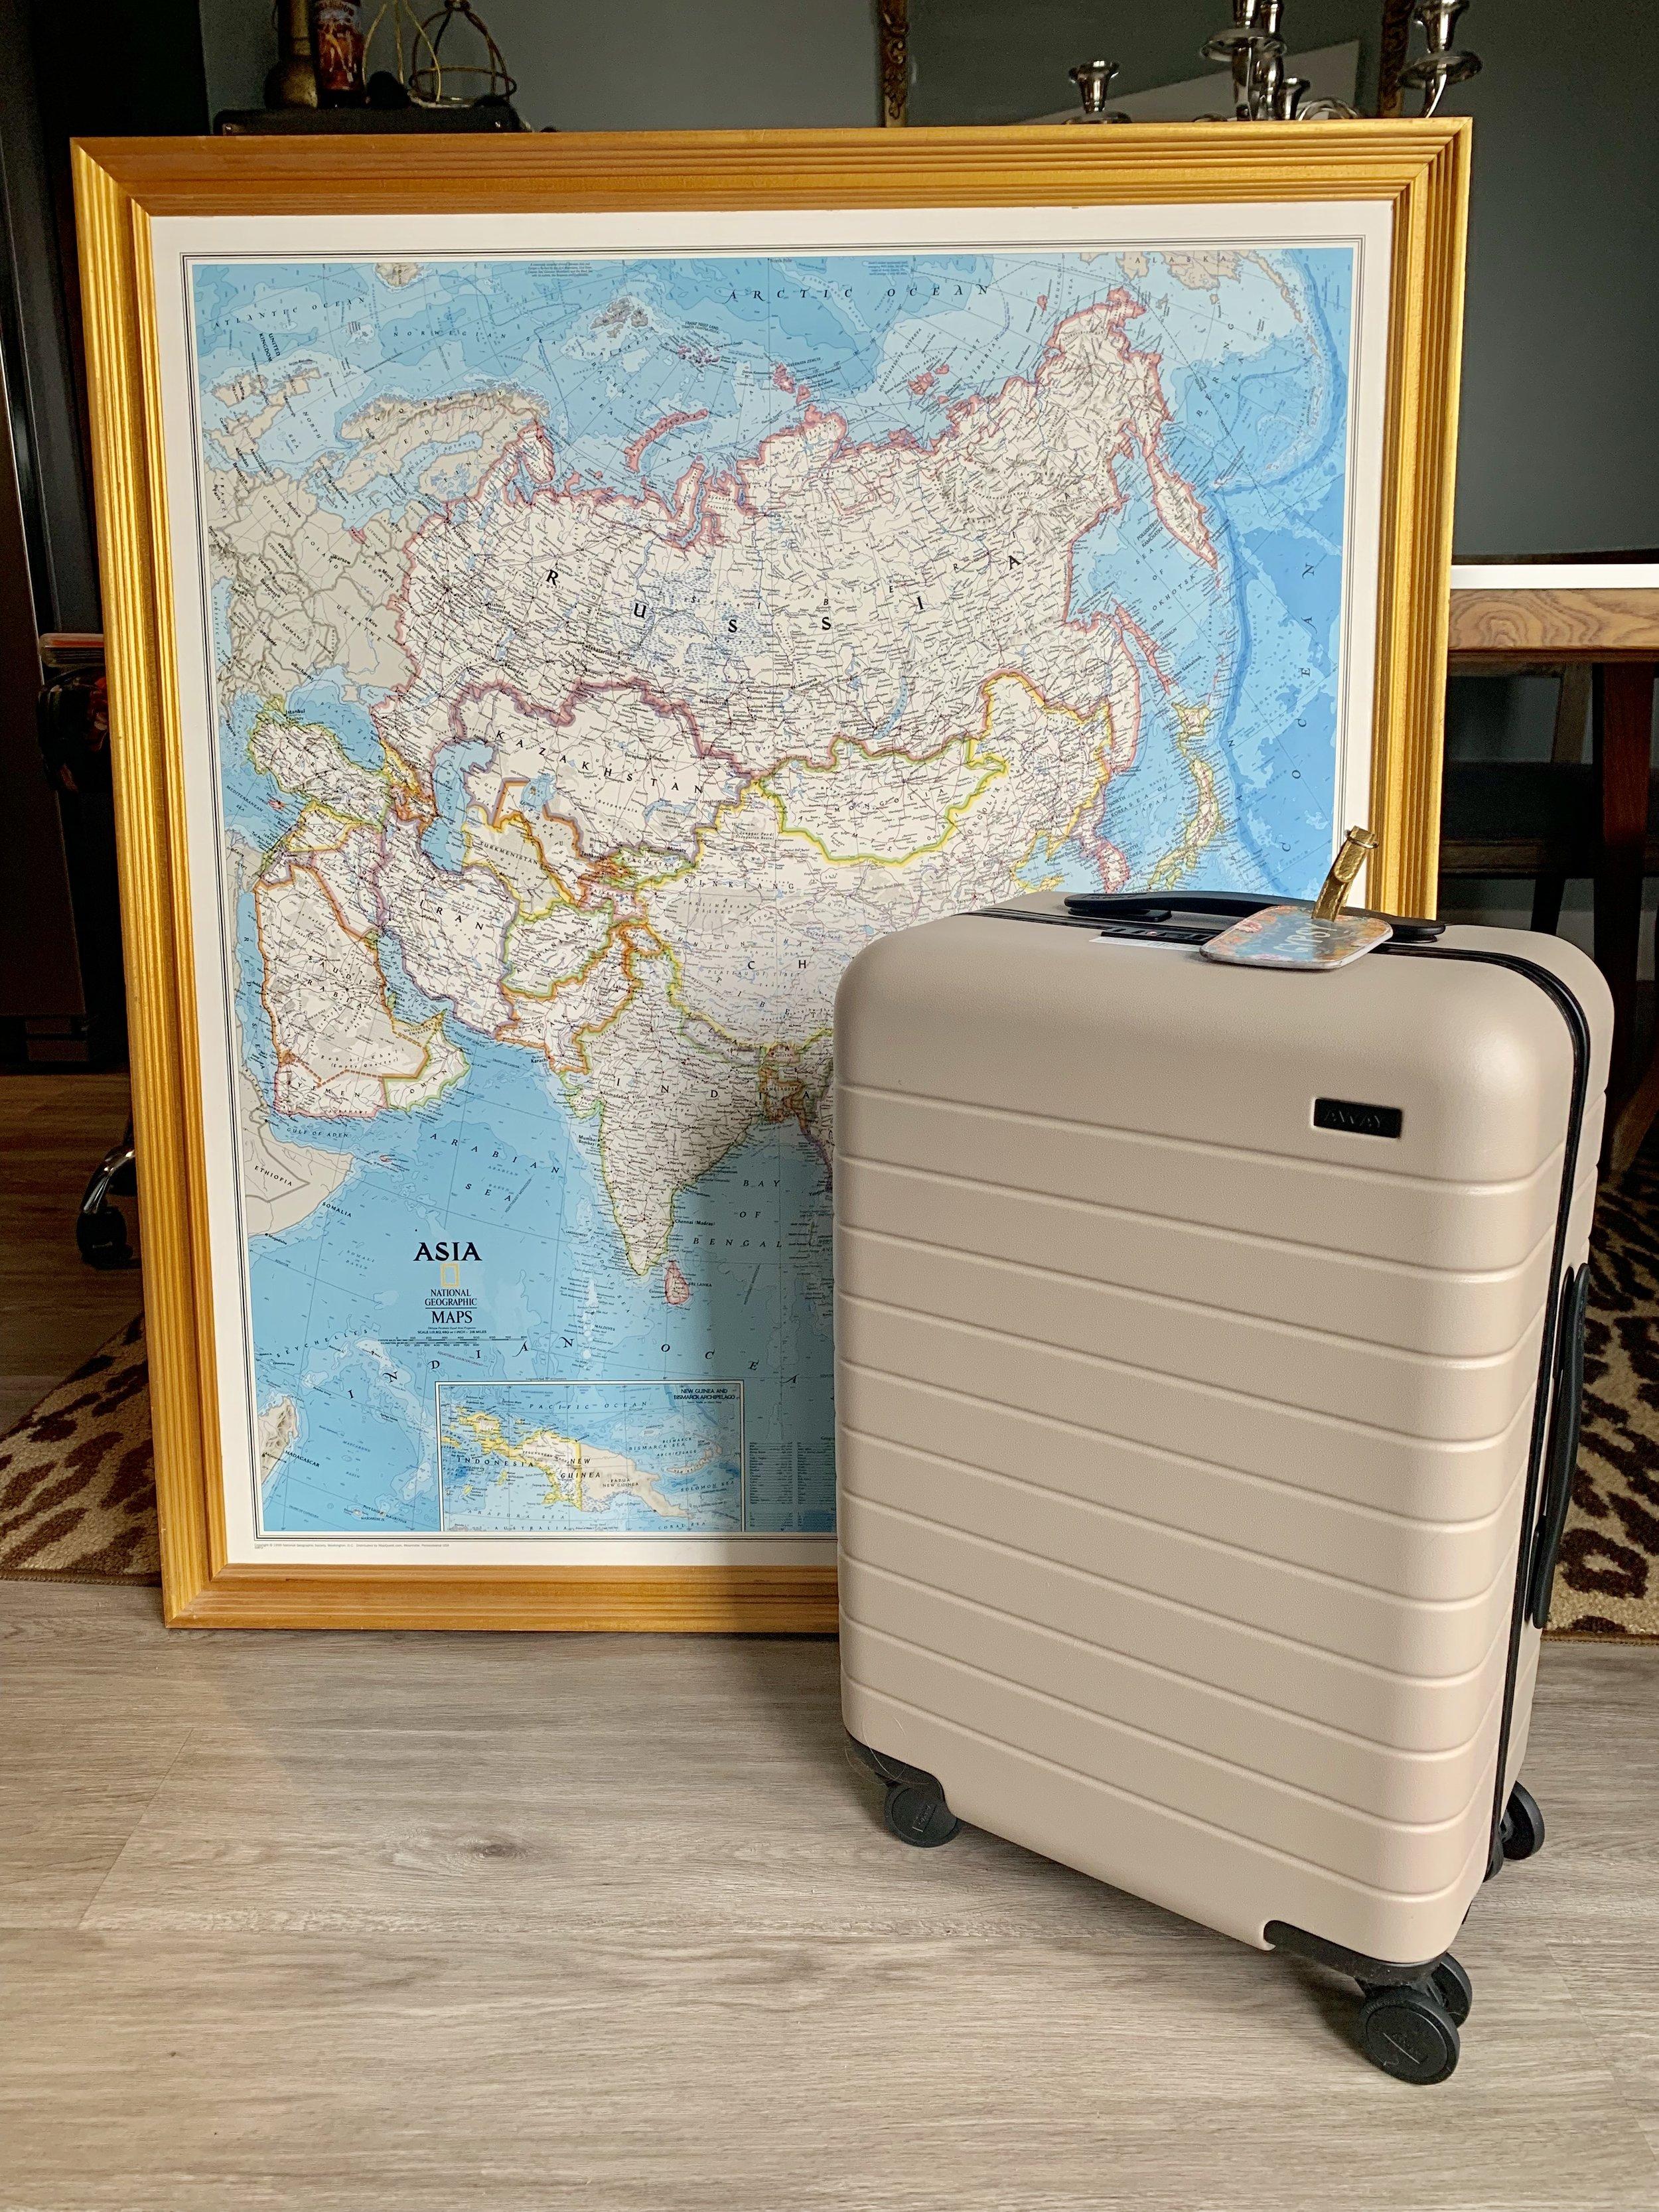 Time to plan a trip